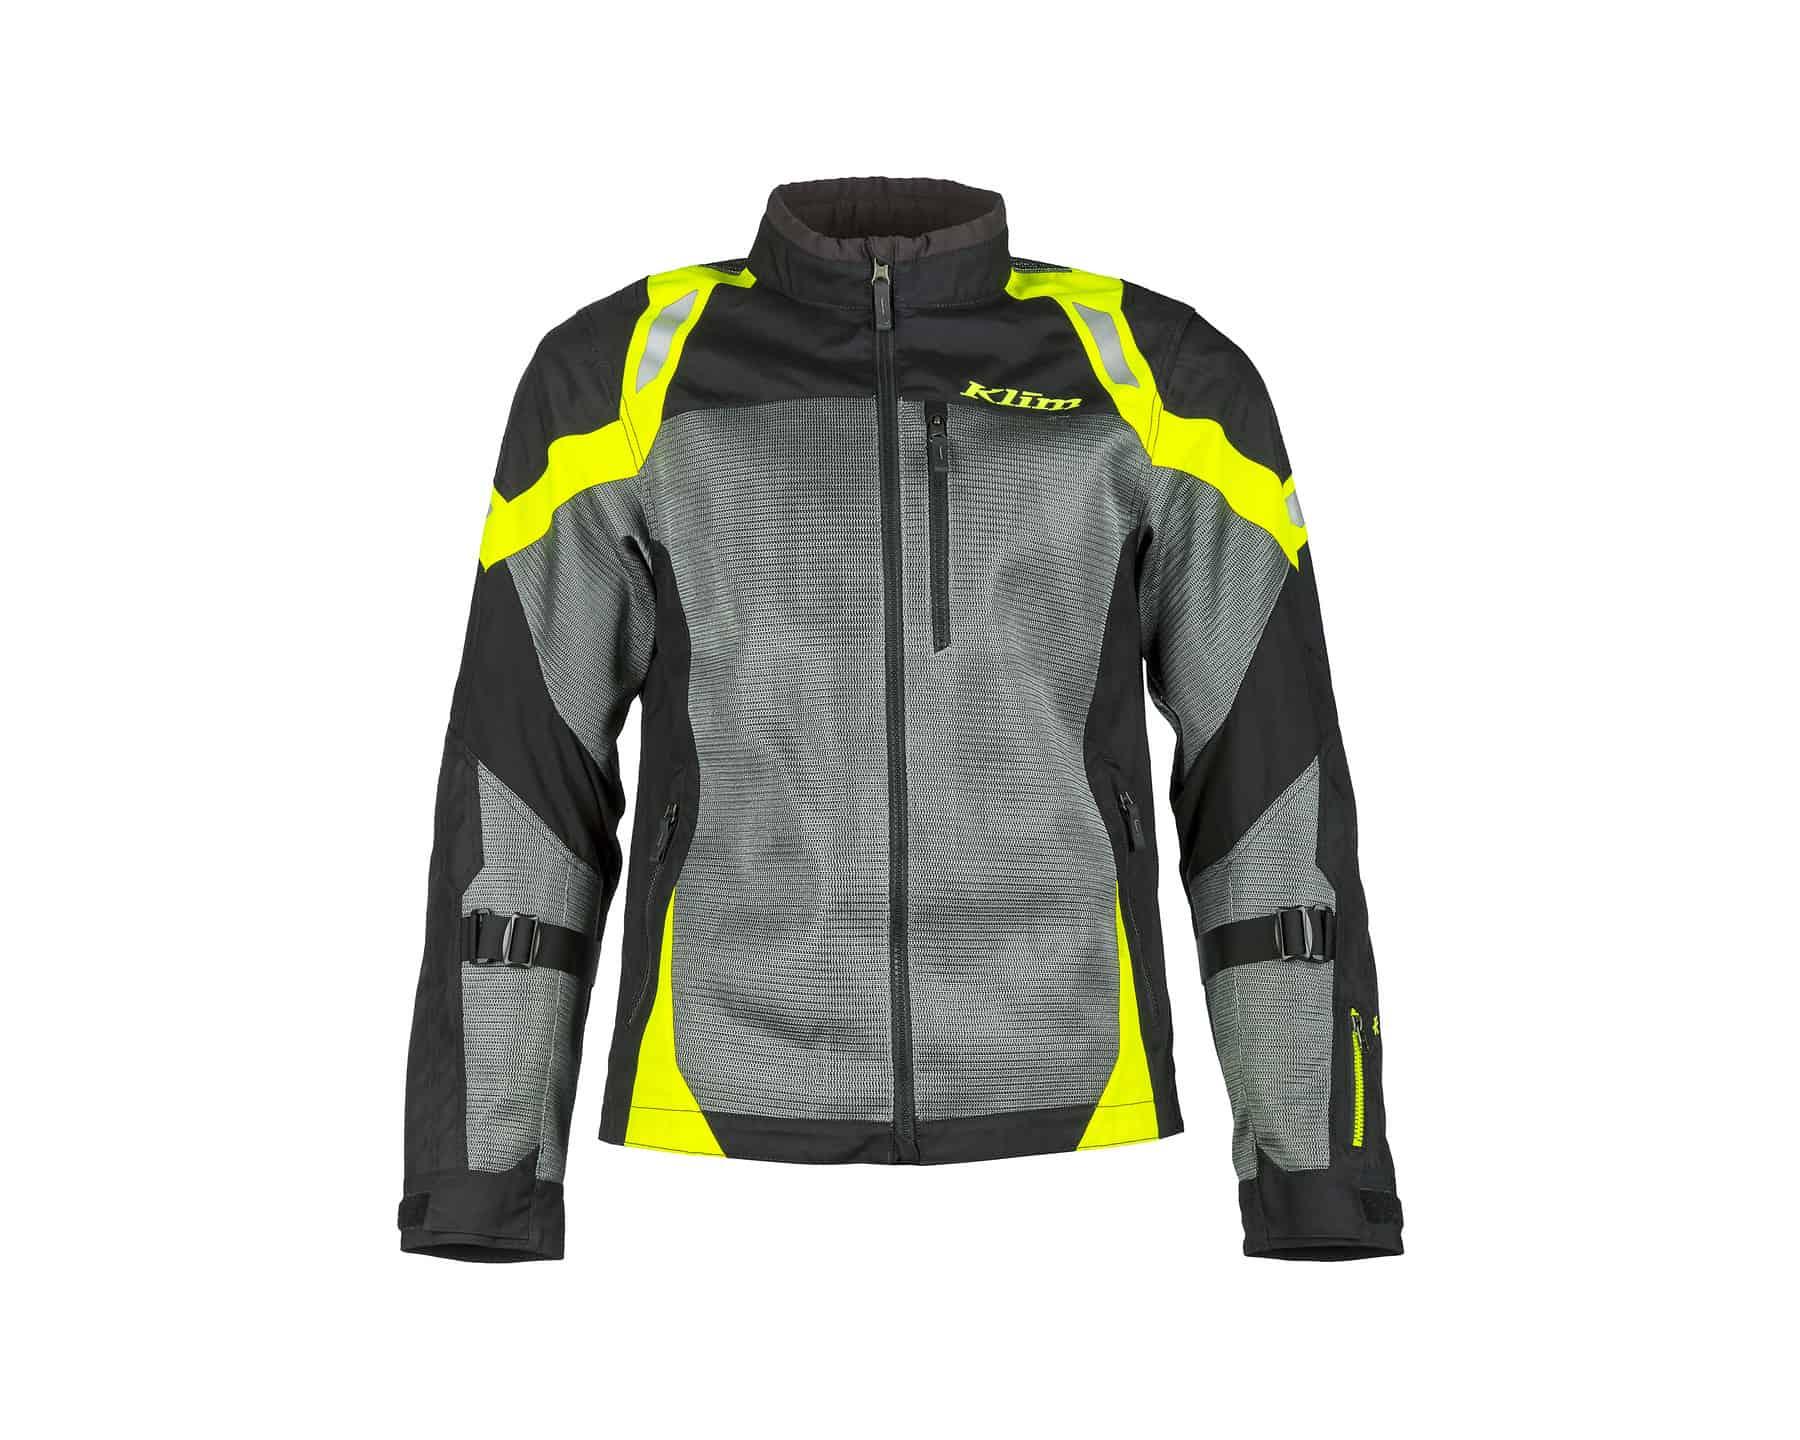 Induction Jacket_5060-002_High-Vis_01